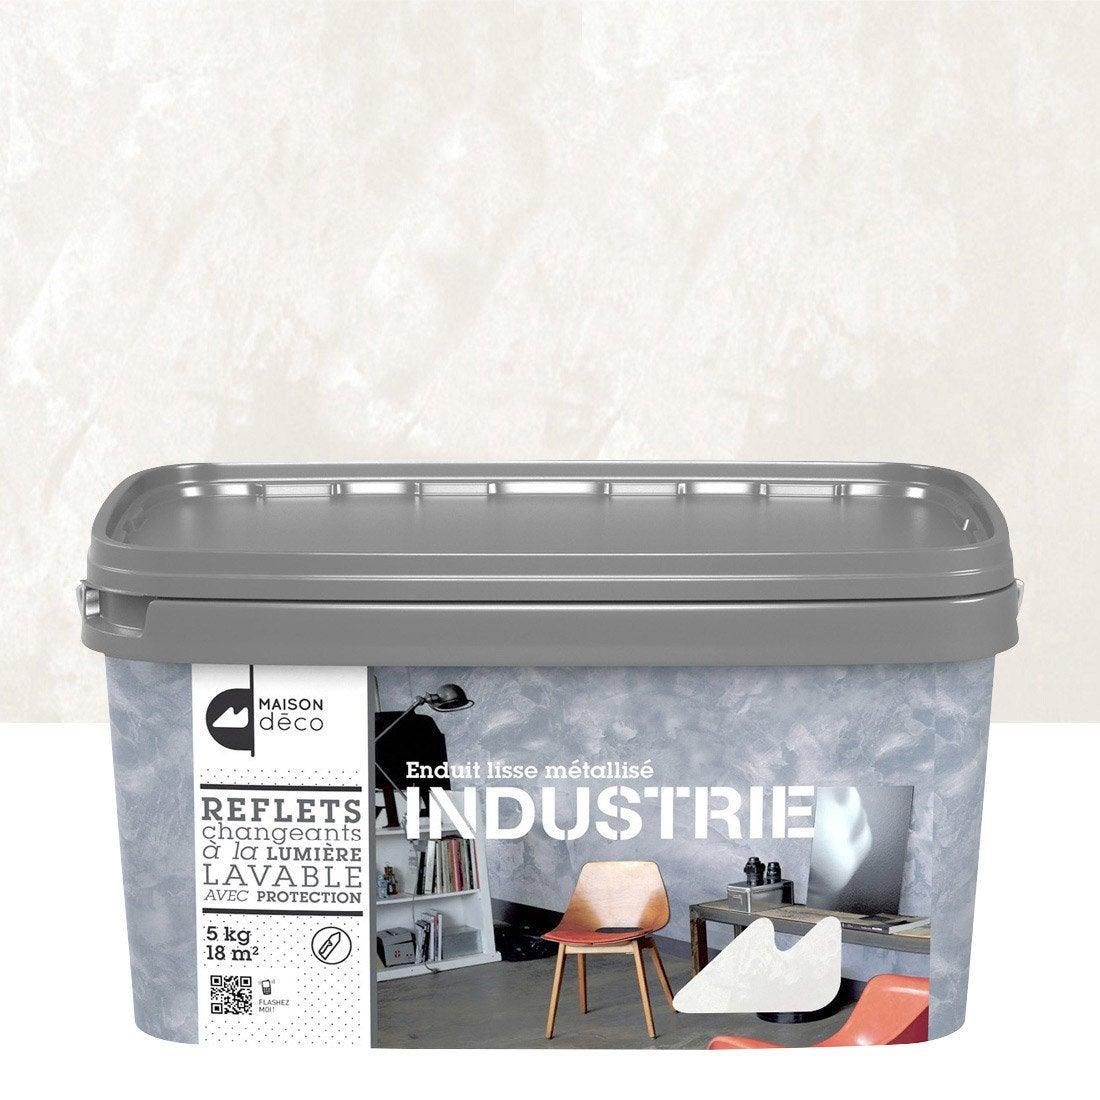 Peinture effet industrie maison deco titane 5 kg leroy merlin - Leroy merlin peinture industrie ...